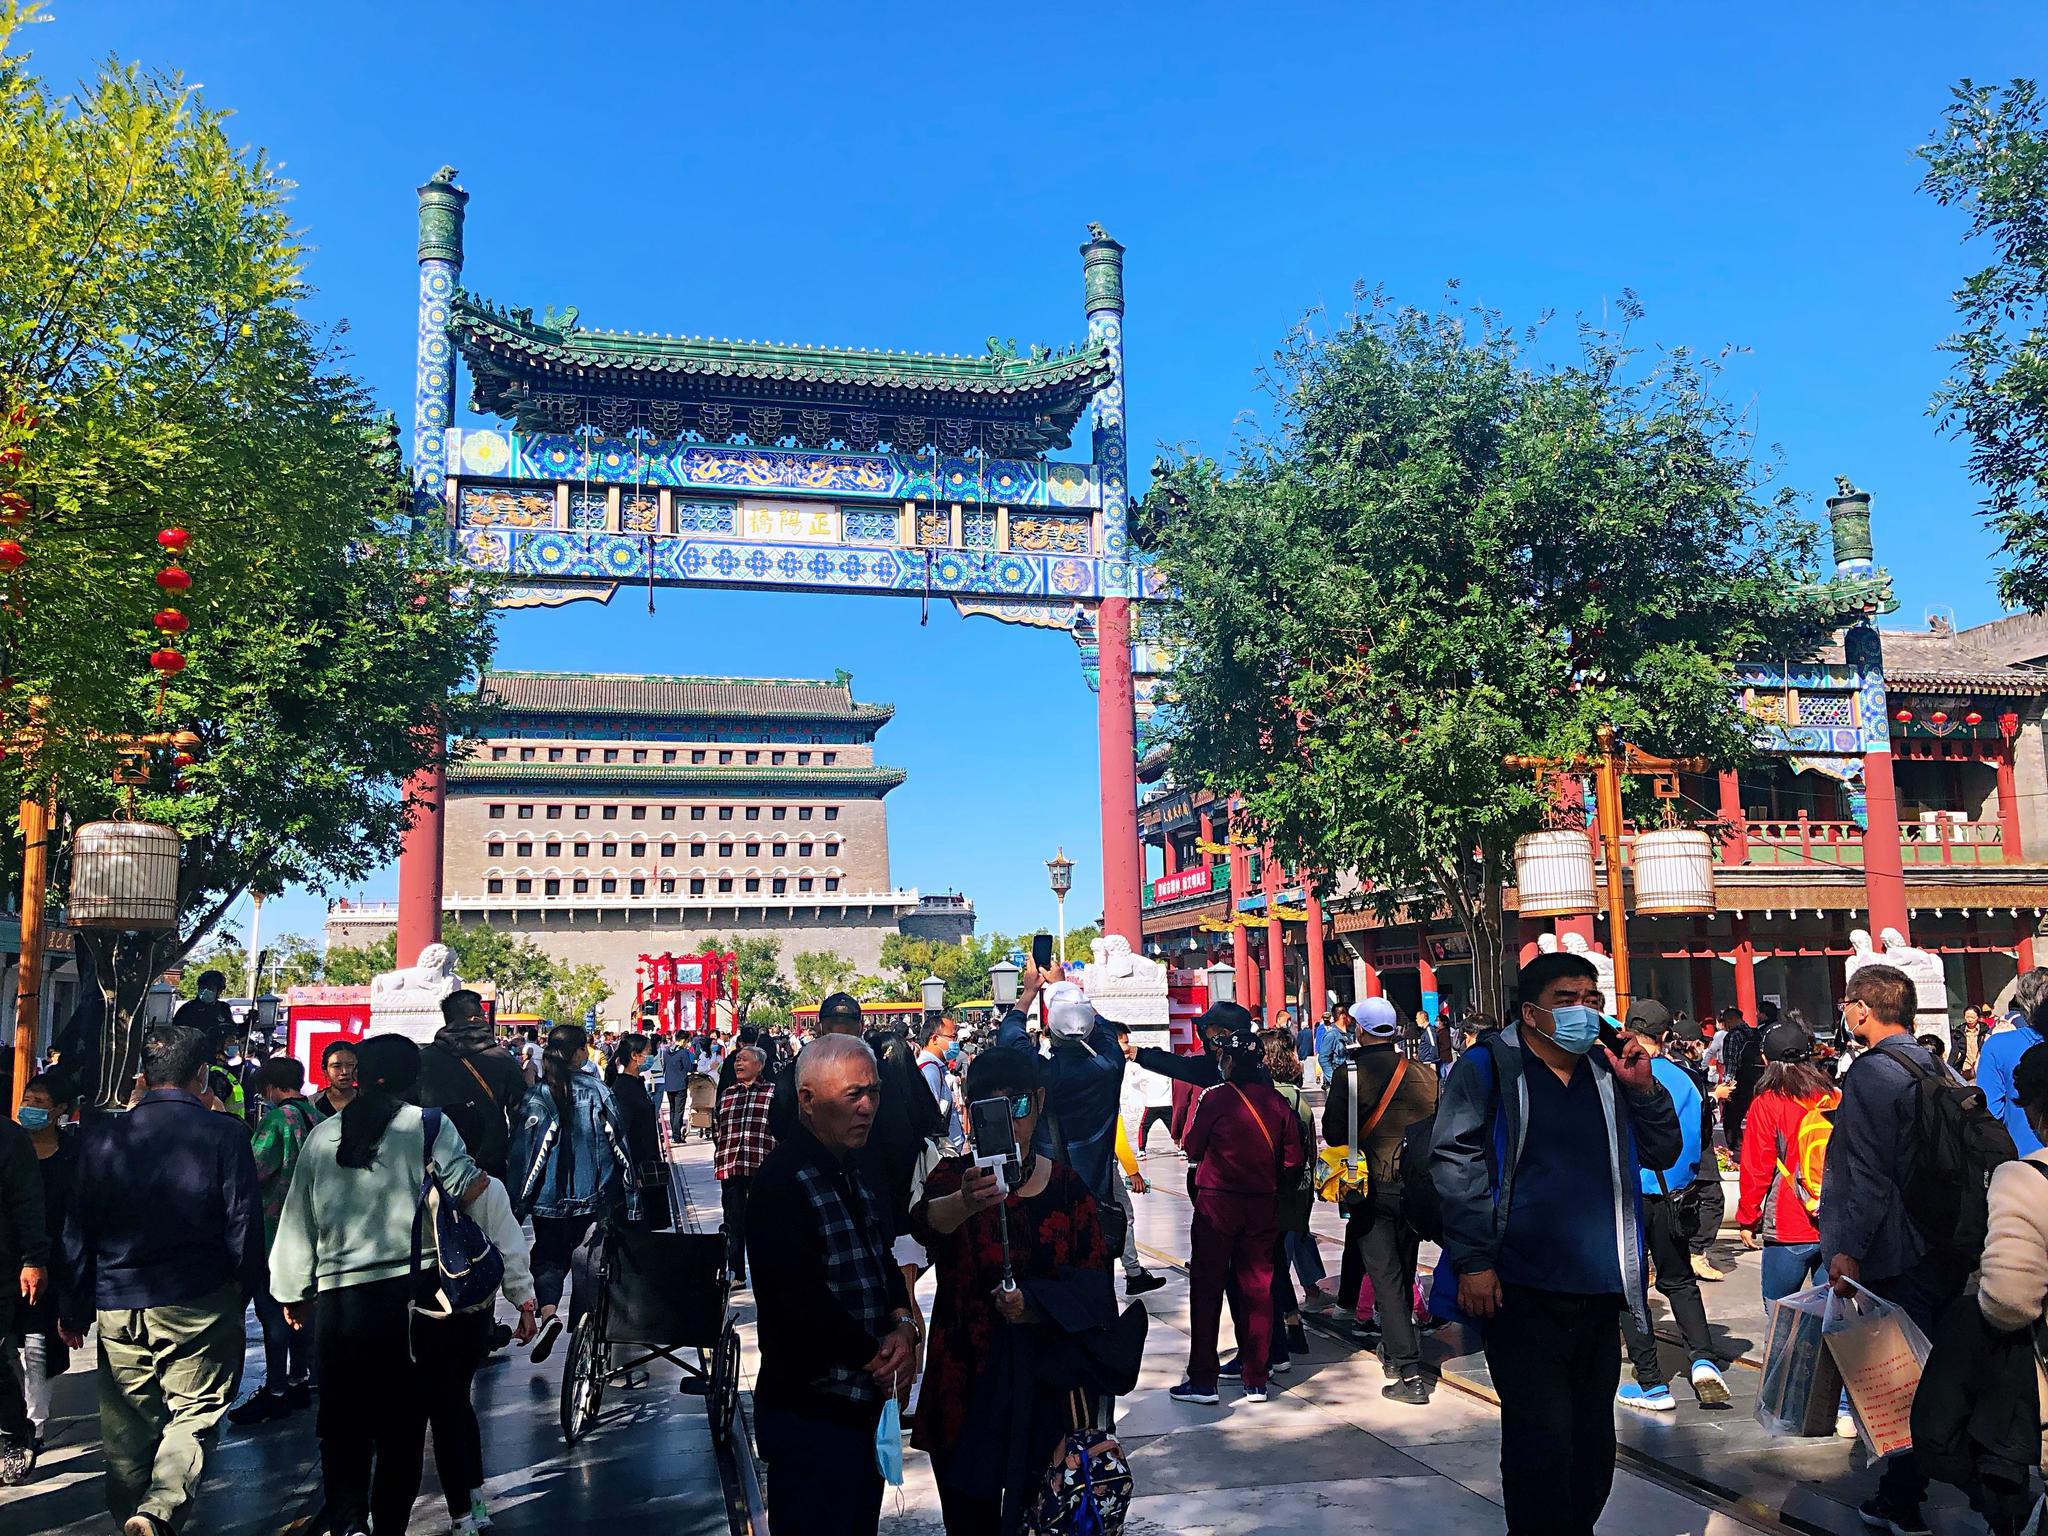 国庆假期北京特色商街人气高,前门大街、南锣鼓巷日均客流超8万图片